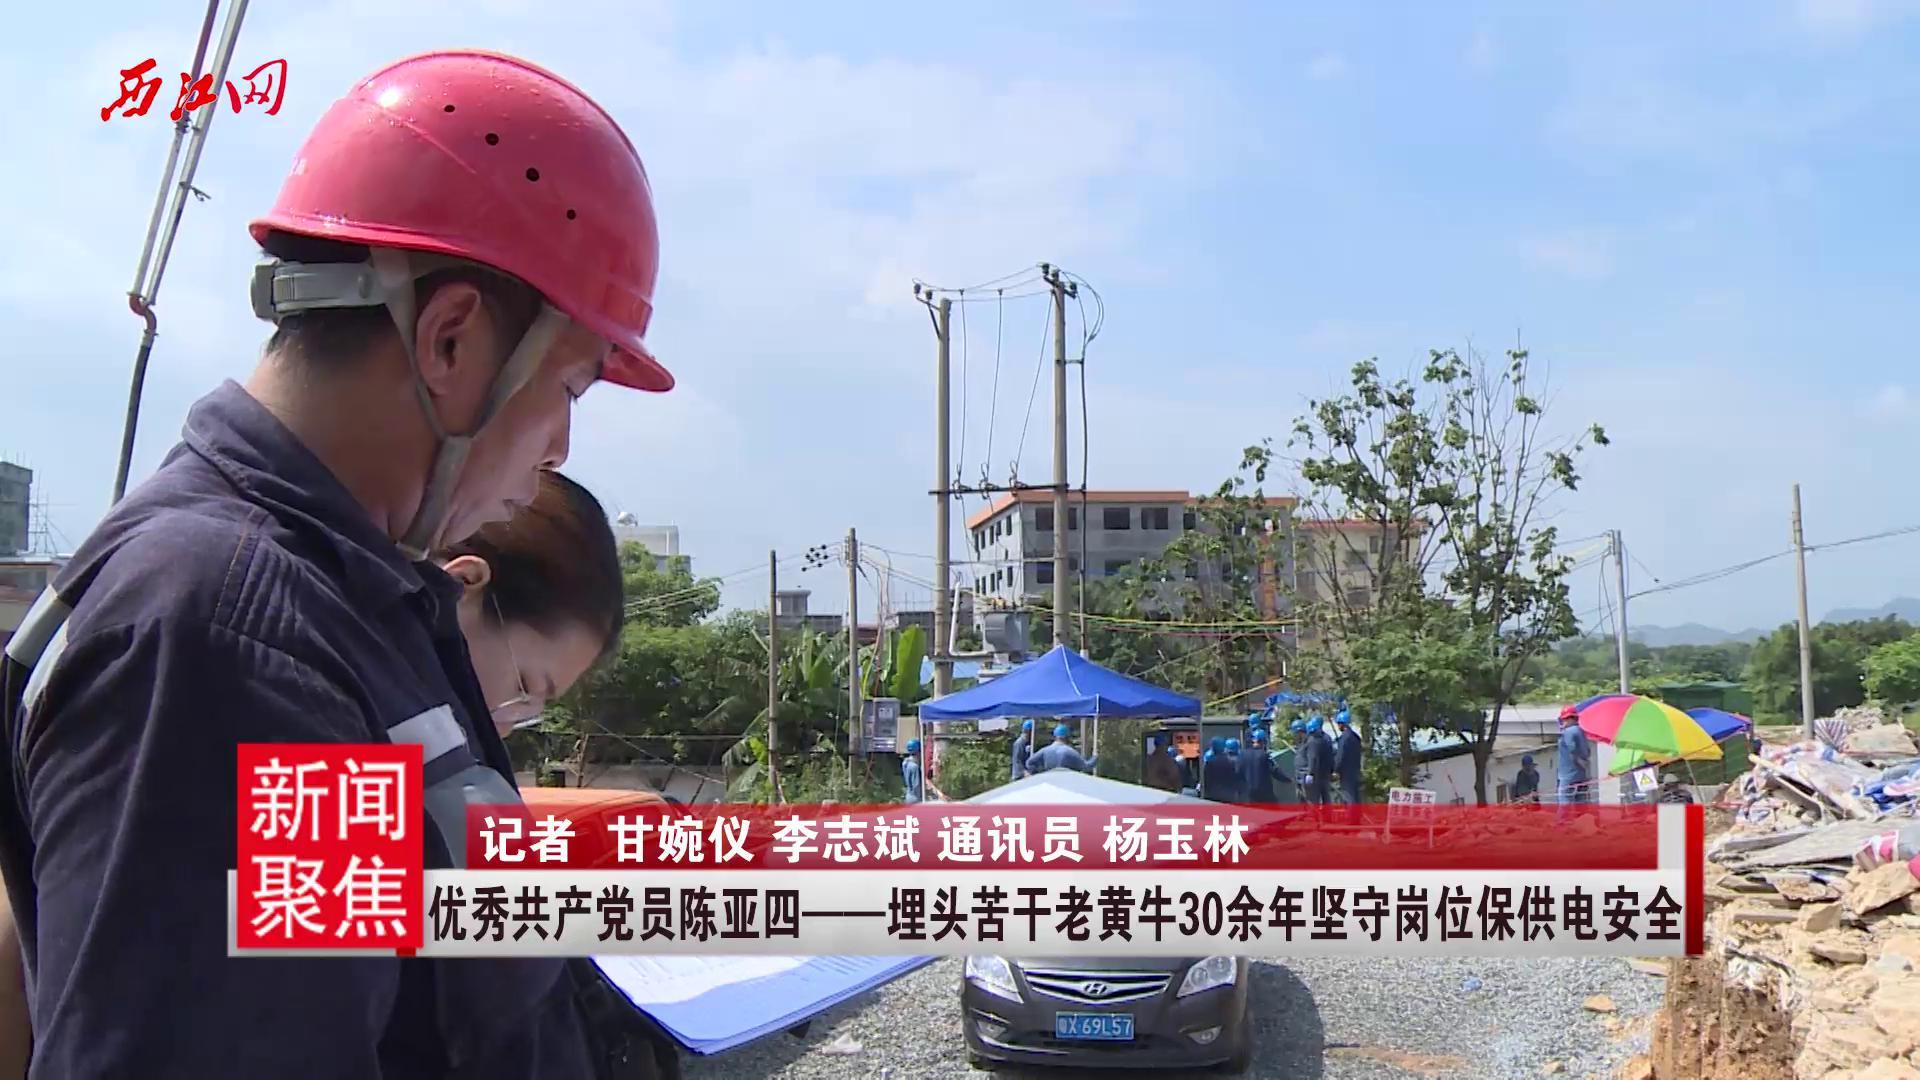 优秀共产党员陈亚四-埋头苦干老黄牛 30余年坚守岗位保供电安全